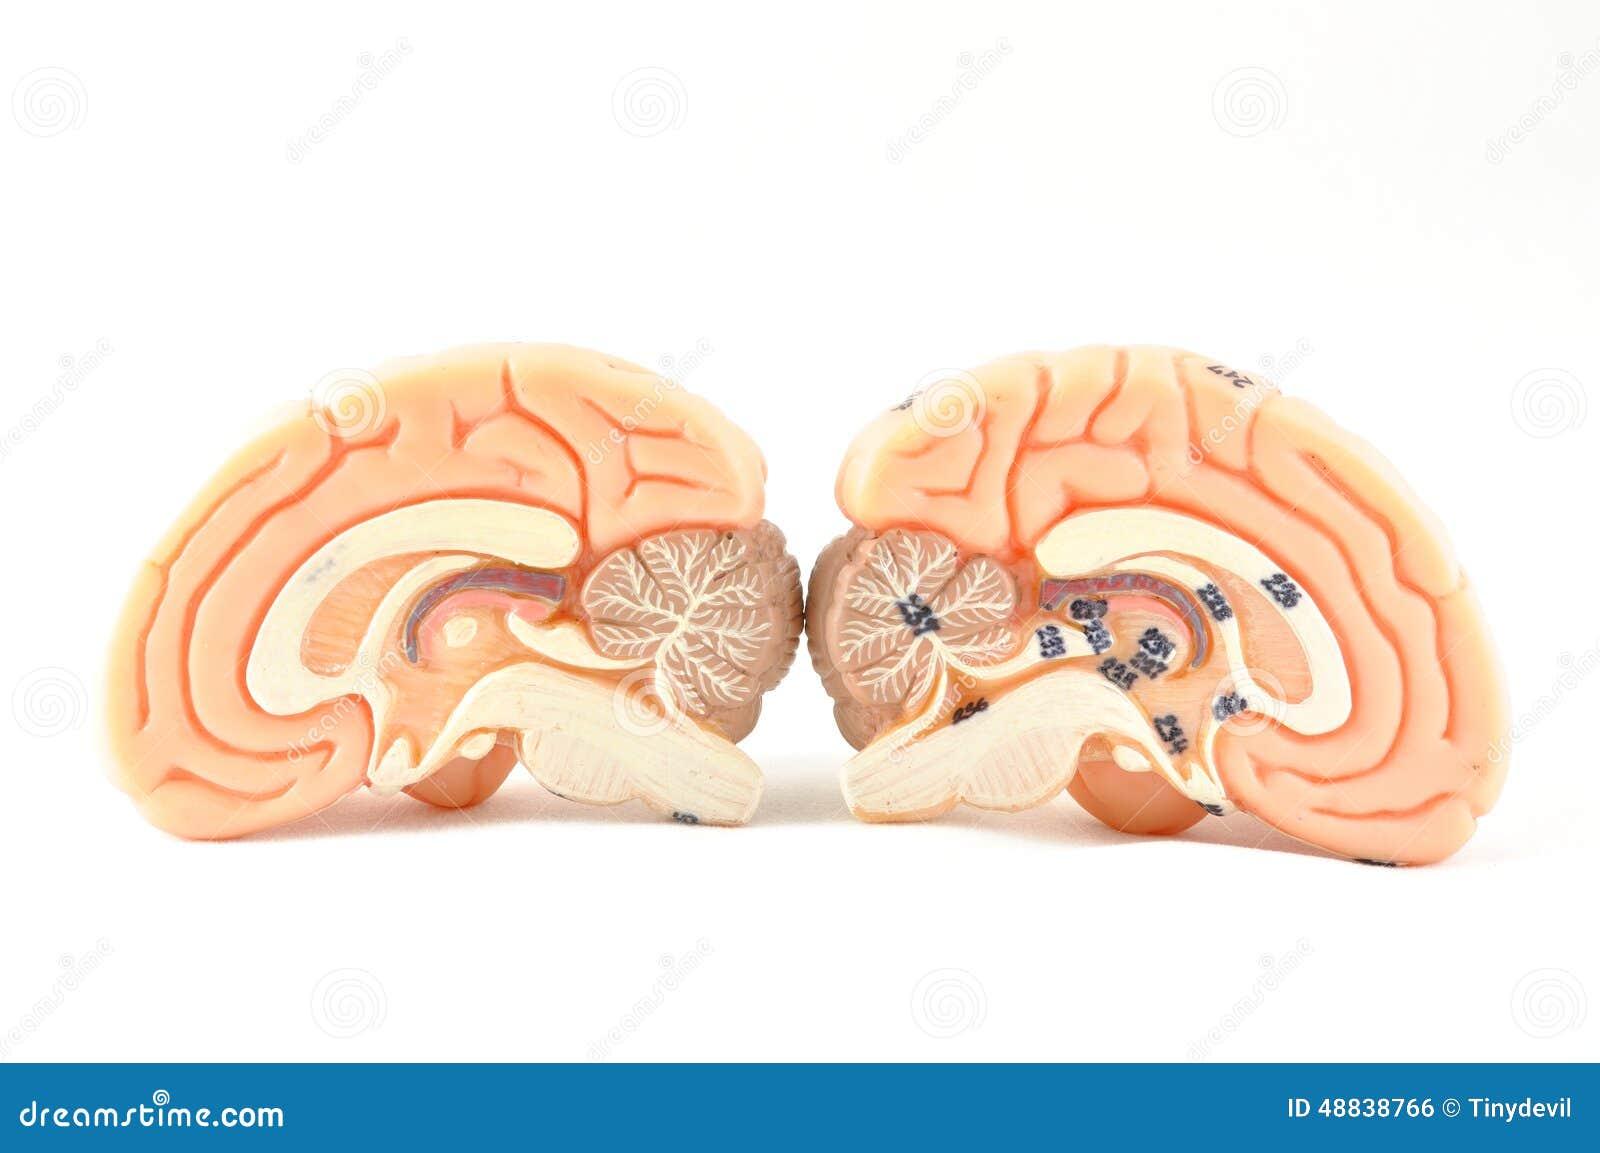 Human brain model stock photo. Image of neurology, anatomical - 48838766